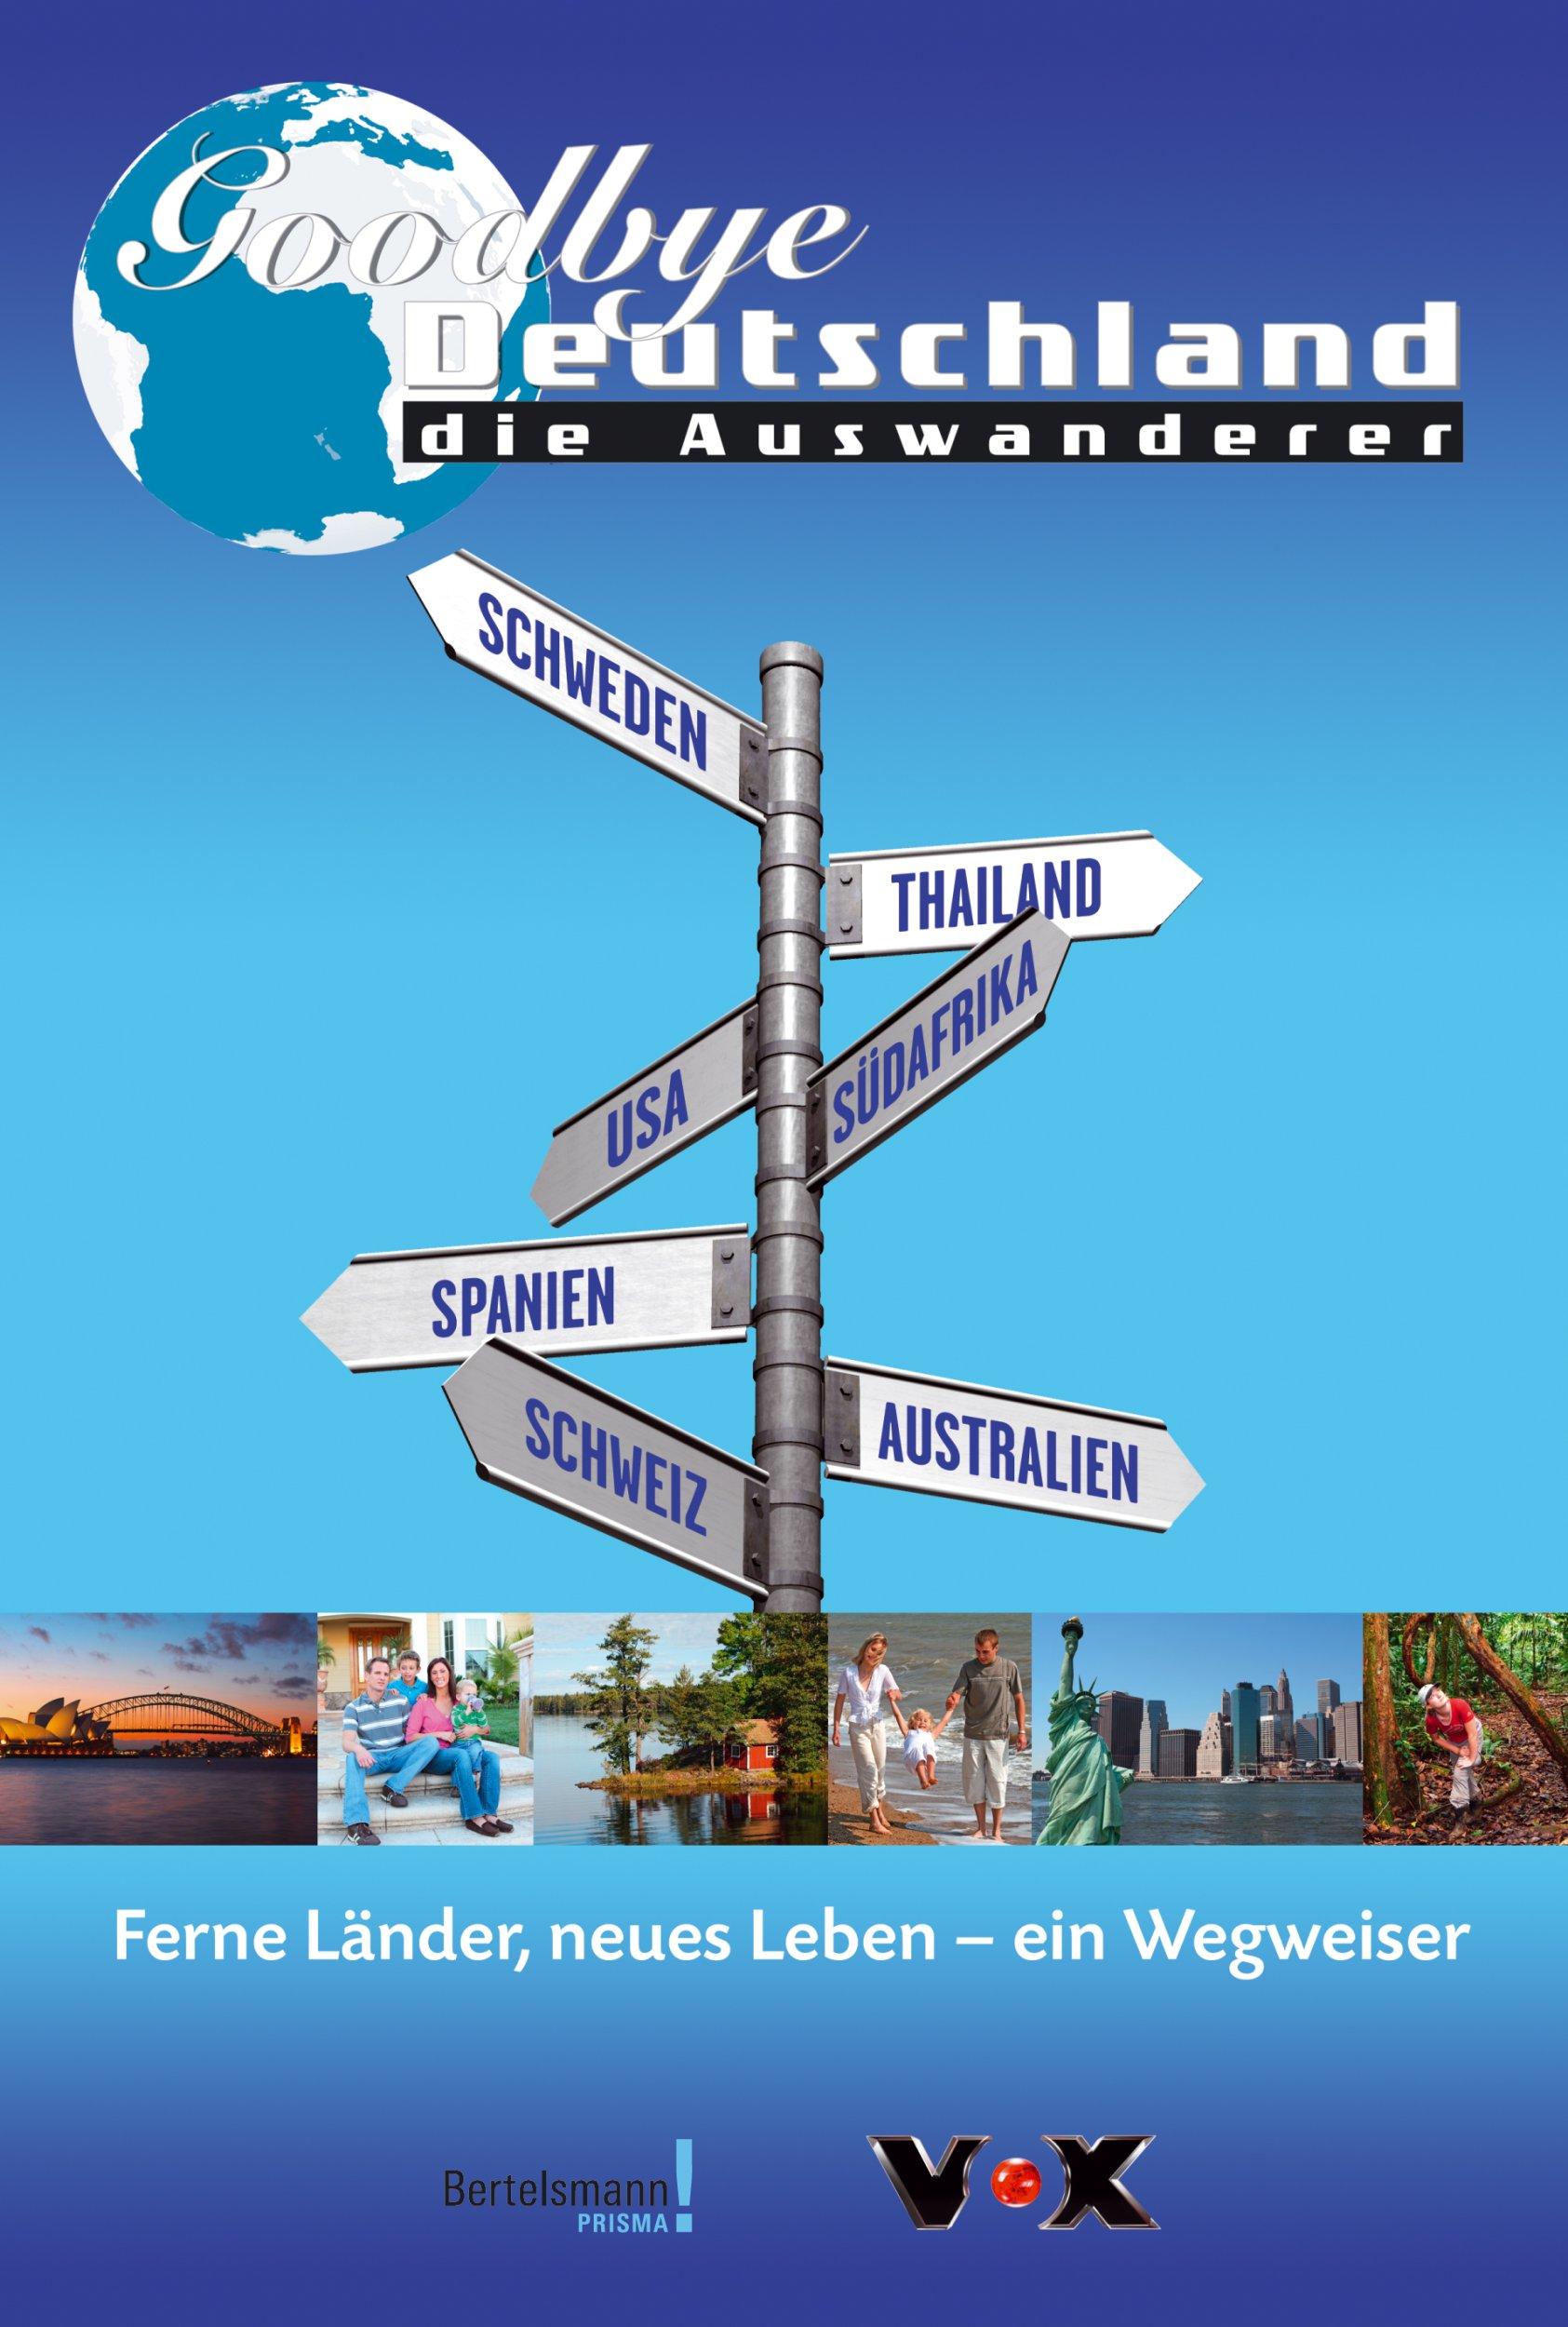 Goodbye Deutschland Die Auswanderer: Ferne Länder, neues Leben - ein Wegweiser